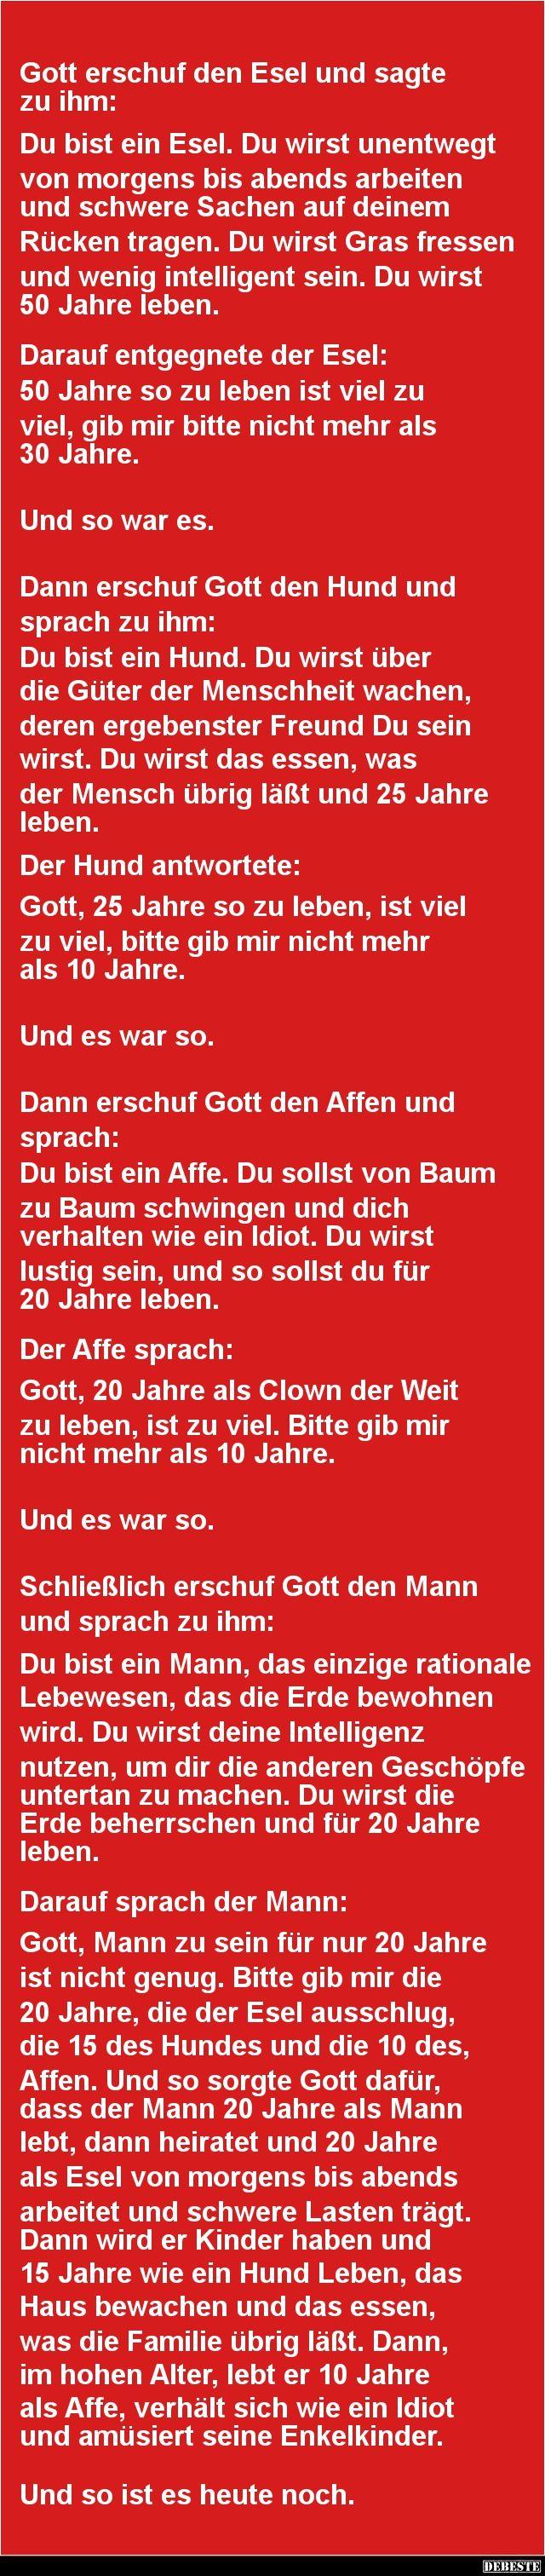 Die Entstehung des Mannes | DEBESTE.de, Lustige Bilder, Sprüche, Witze und Videos